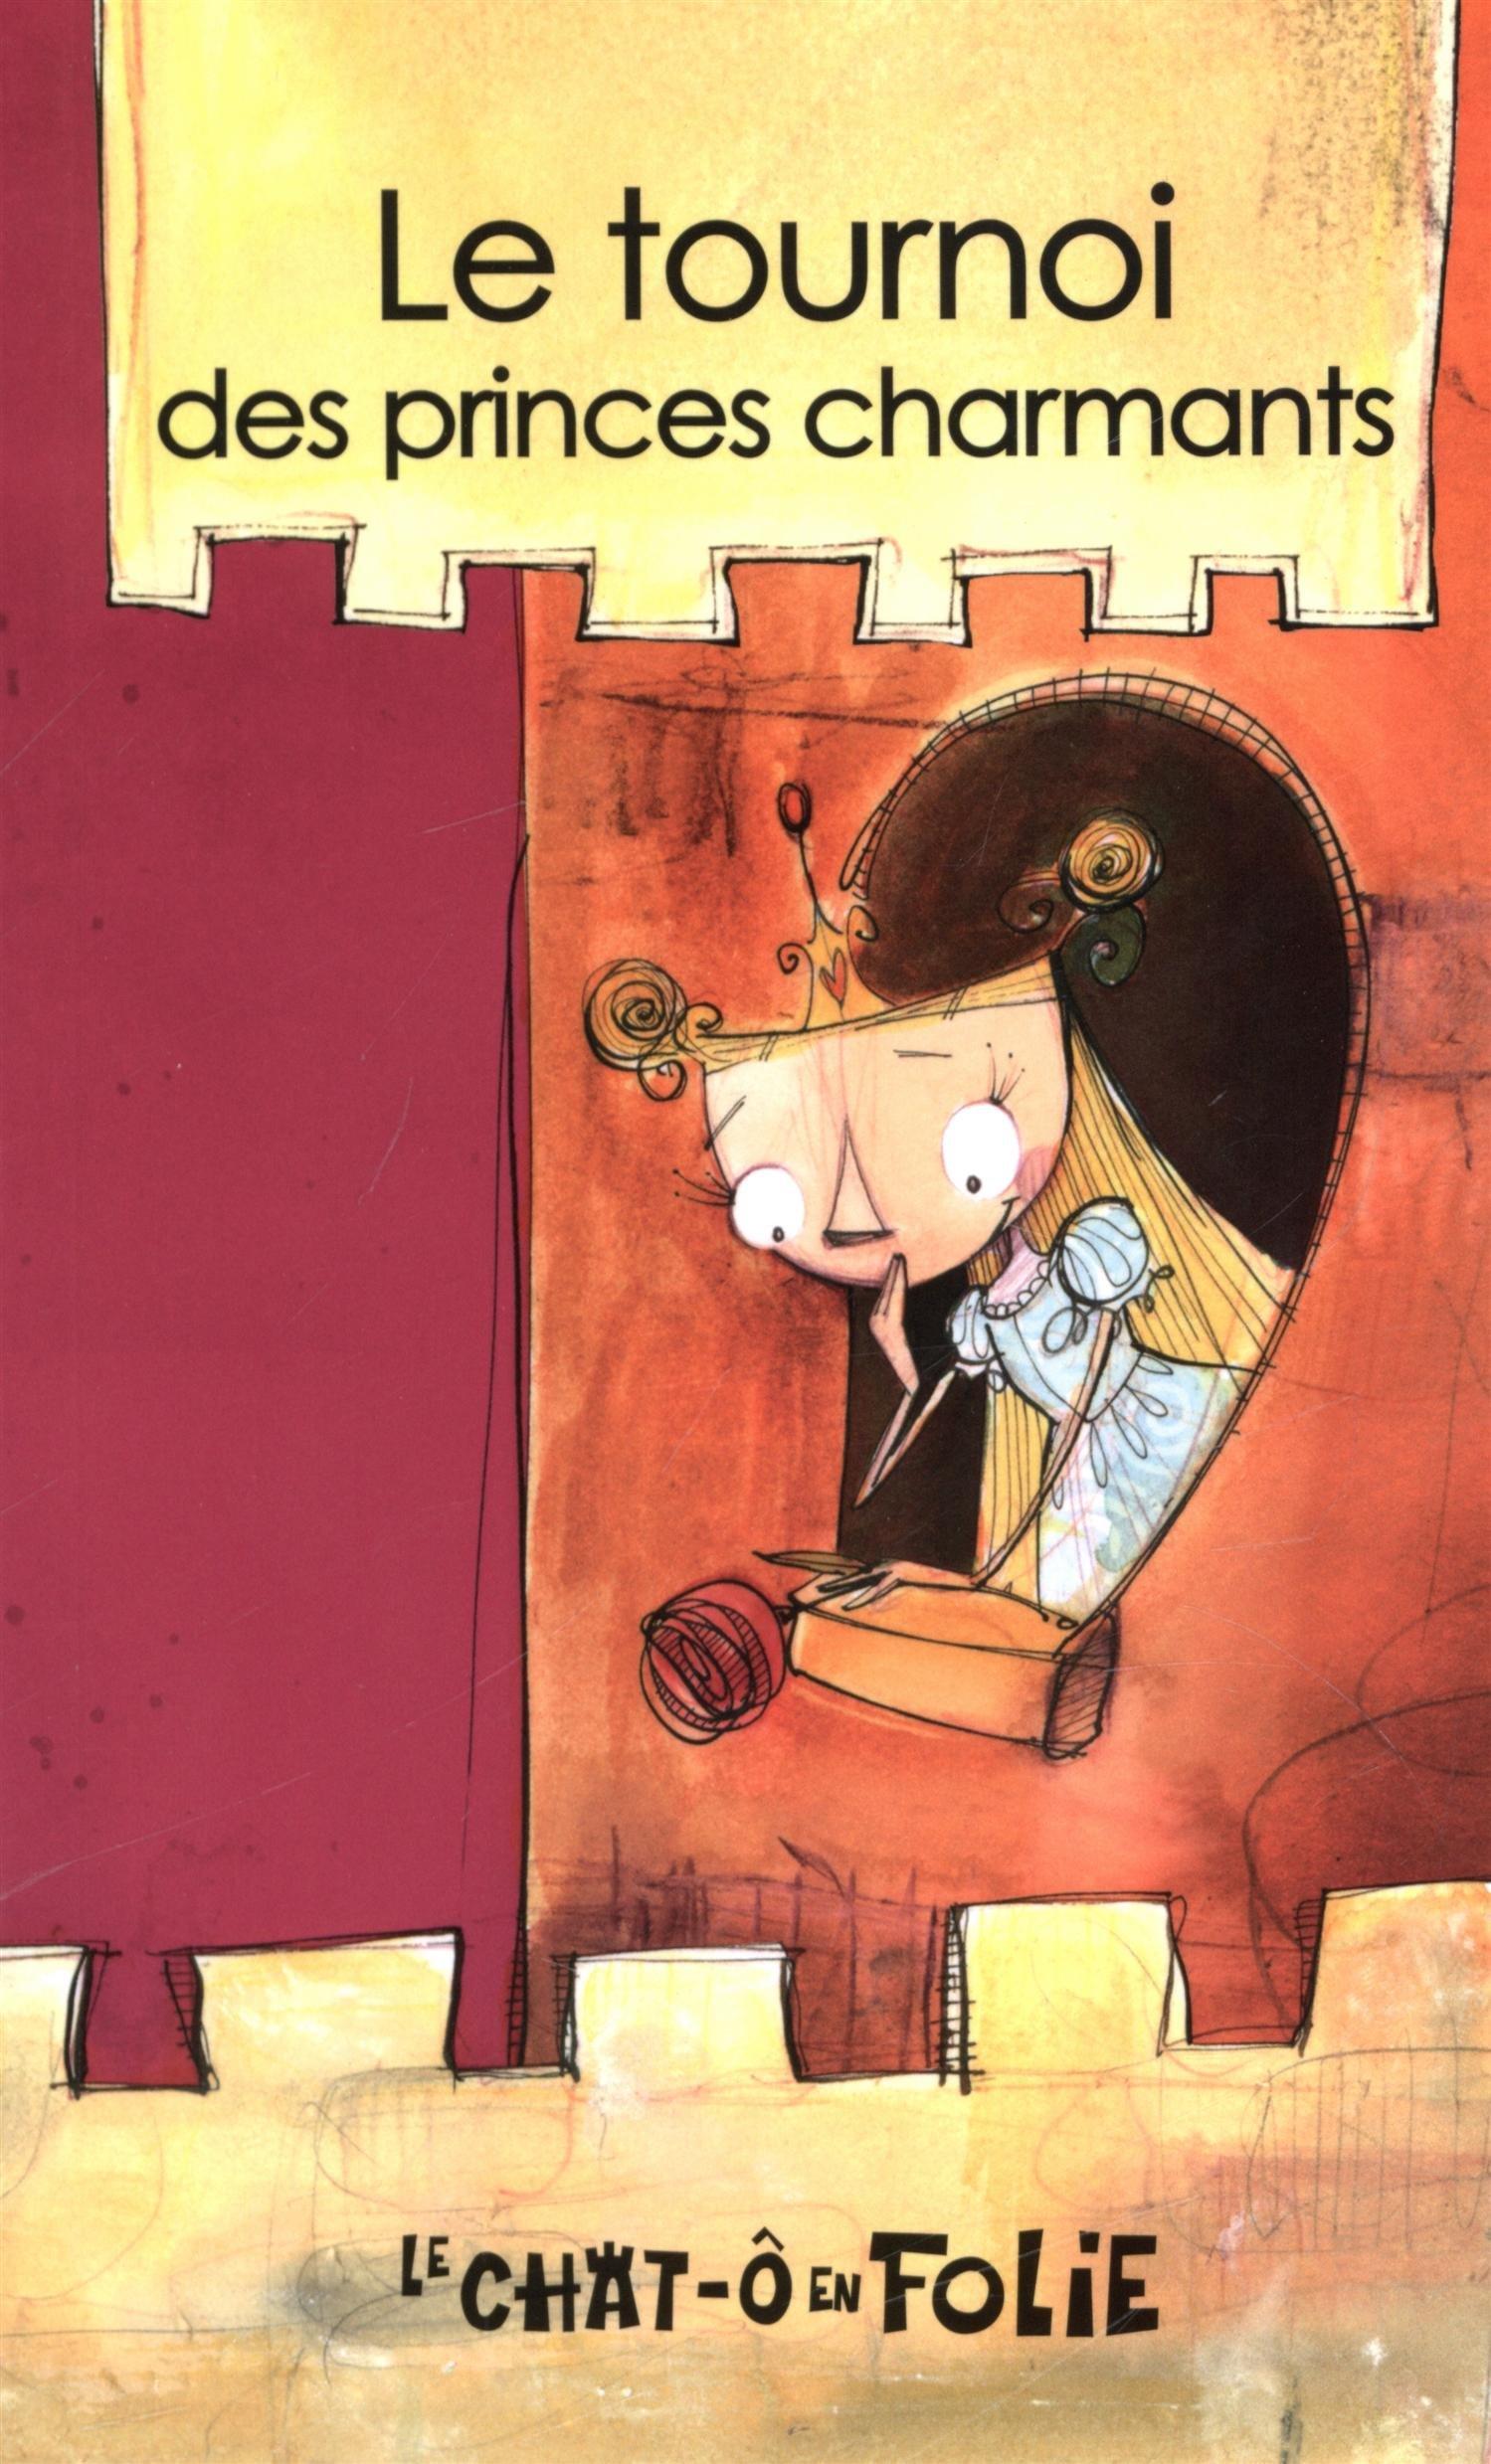 Le tournoi des princes charmants : miniroman